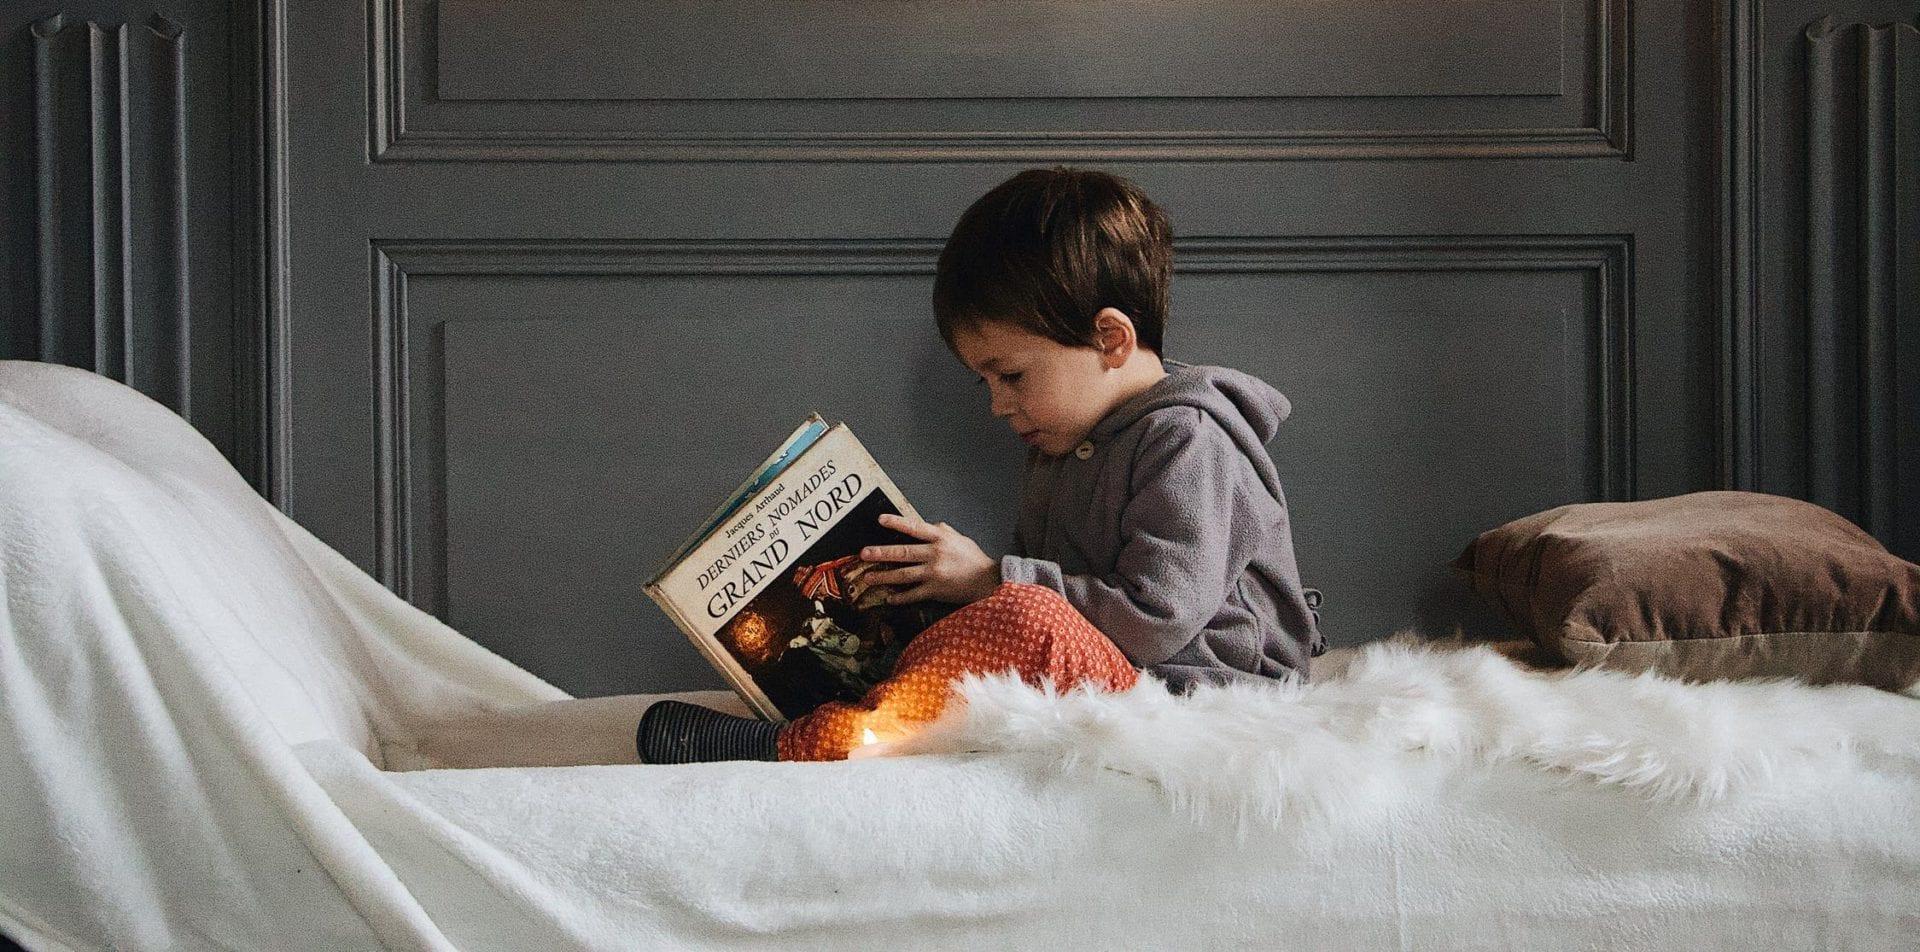 Leren voor Spelling: 5 tips en tricks